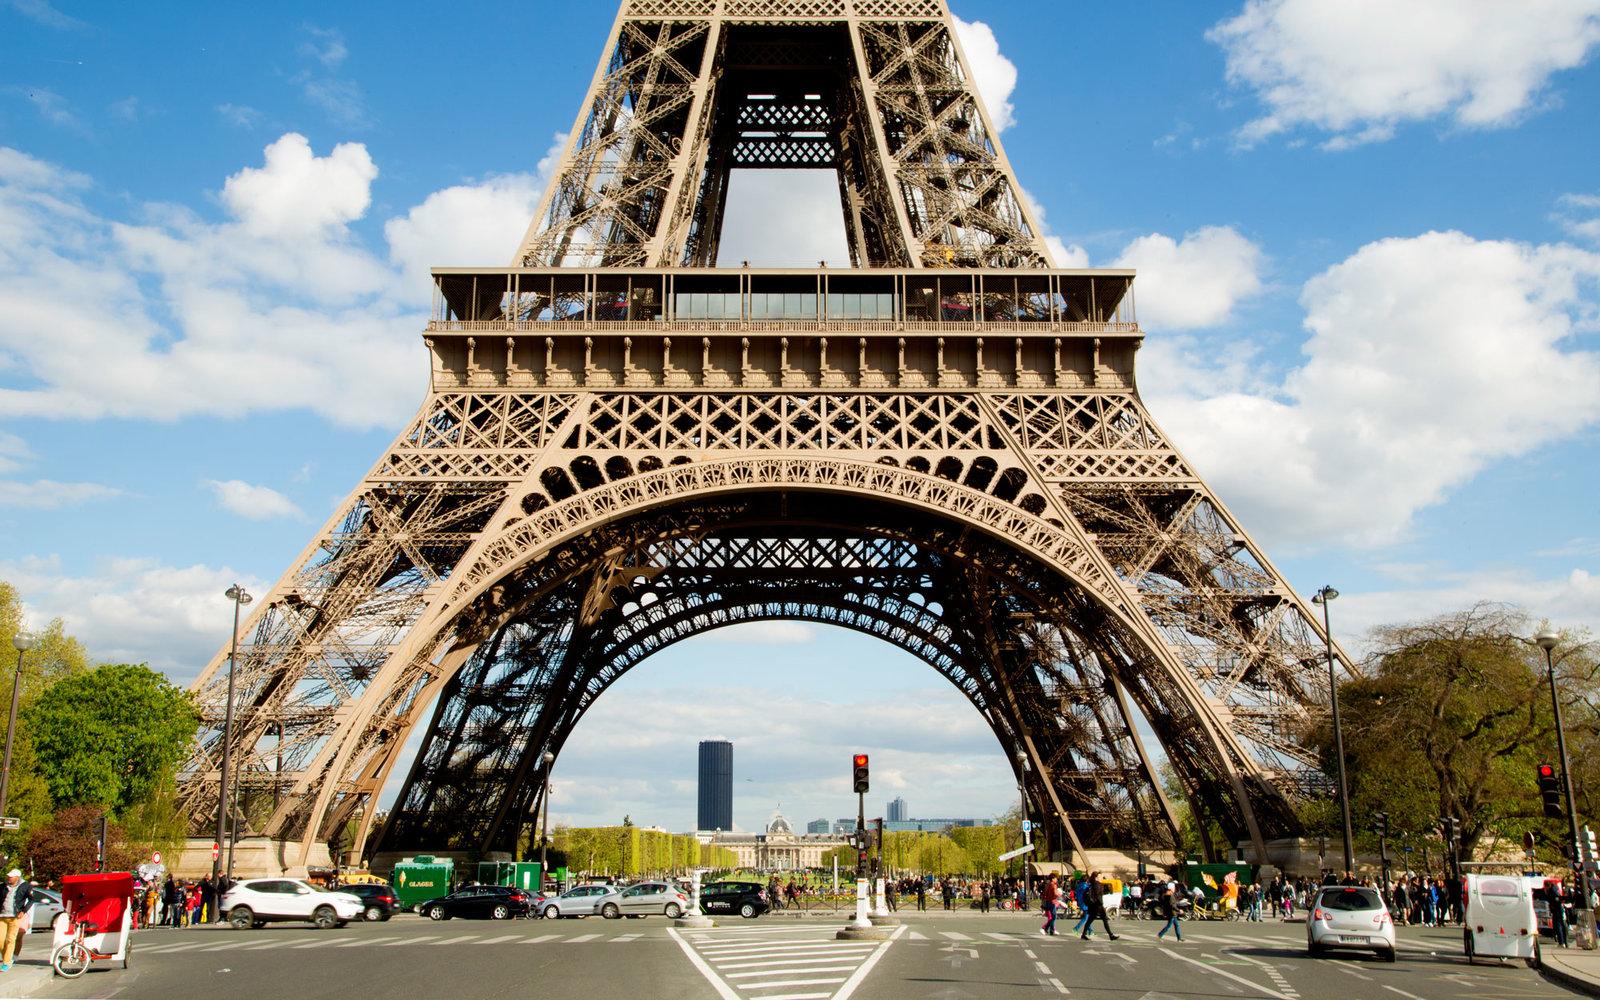 埃菲尔铁塔(资料图)   国际在线专稿:综合英国《每日邮报》和BBC网站2月9日报道,继卢浮宫袭击之后,法国政府计划在艾菲尔铁塔周围建立2.5米高的加固玻璃墙,以保证出现恐袭时这个地标建筑能得到保护。   如果玻璃围墙项目获得批准,将在本年稍后动工,预计耗资2000万欧元(约2100万美元)。   2015年11月法国首都遭到圣战者连环袭击,导致130人死亡,此后巴黎一直处于高度戒备状态。2016年7月国庆日,在法国南部尼斯举行庆祝活动期间,一辆货车撞向人群,导致86人死亡。   巴黎埃菲尔铁塔是法国